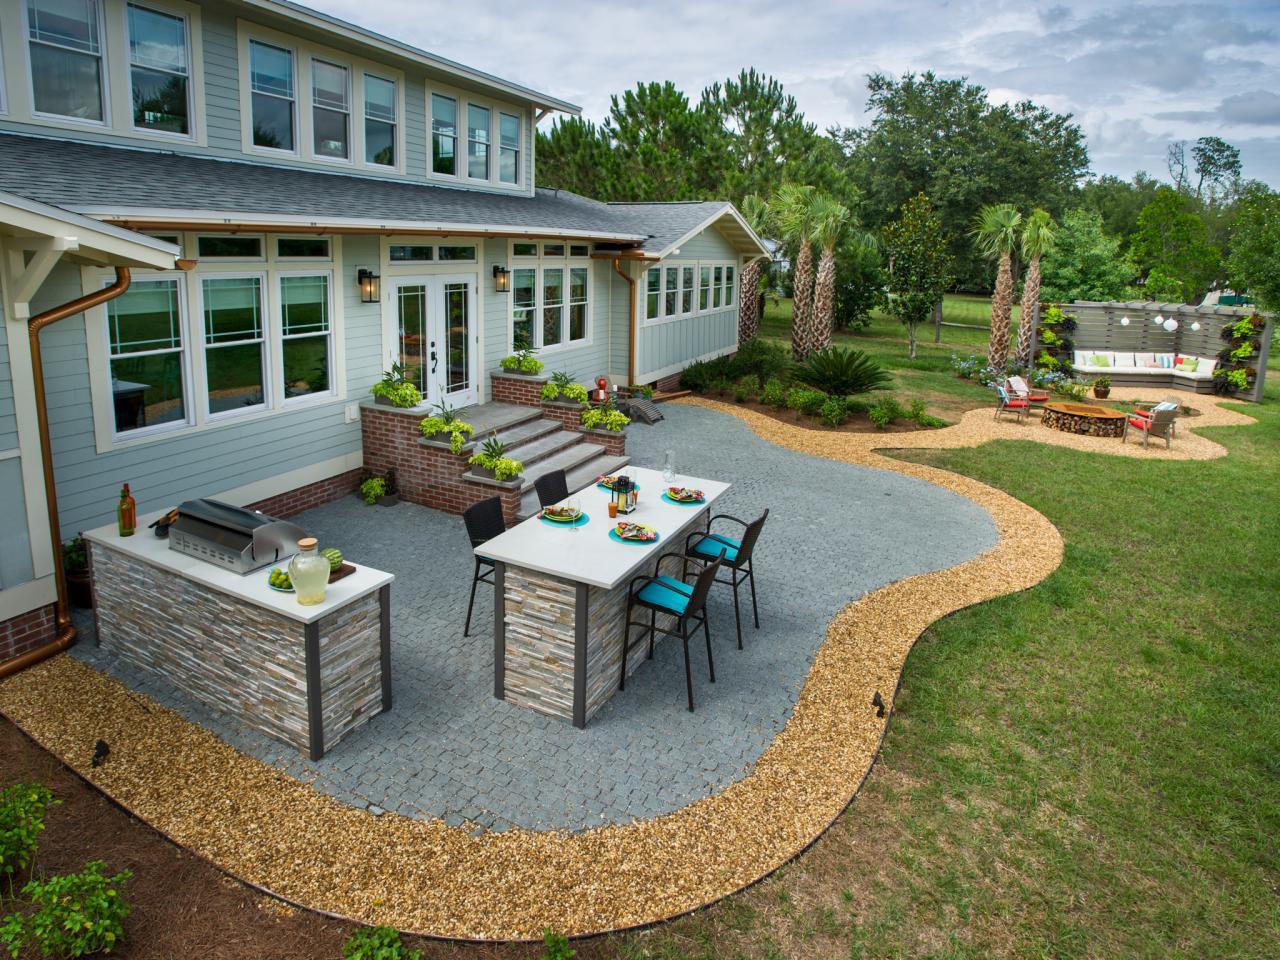 diy_bc14_patio_outdoor-kitchen-patio-pergola_h.jpg.rend.hgtvcom.1280.960